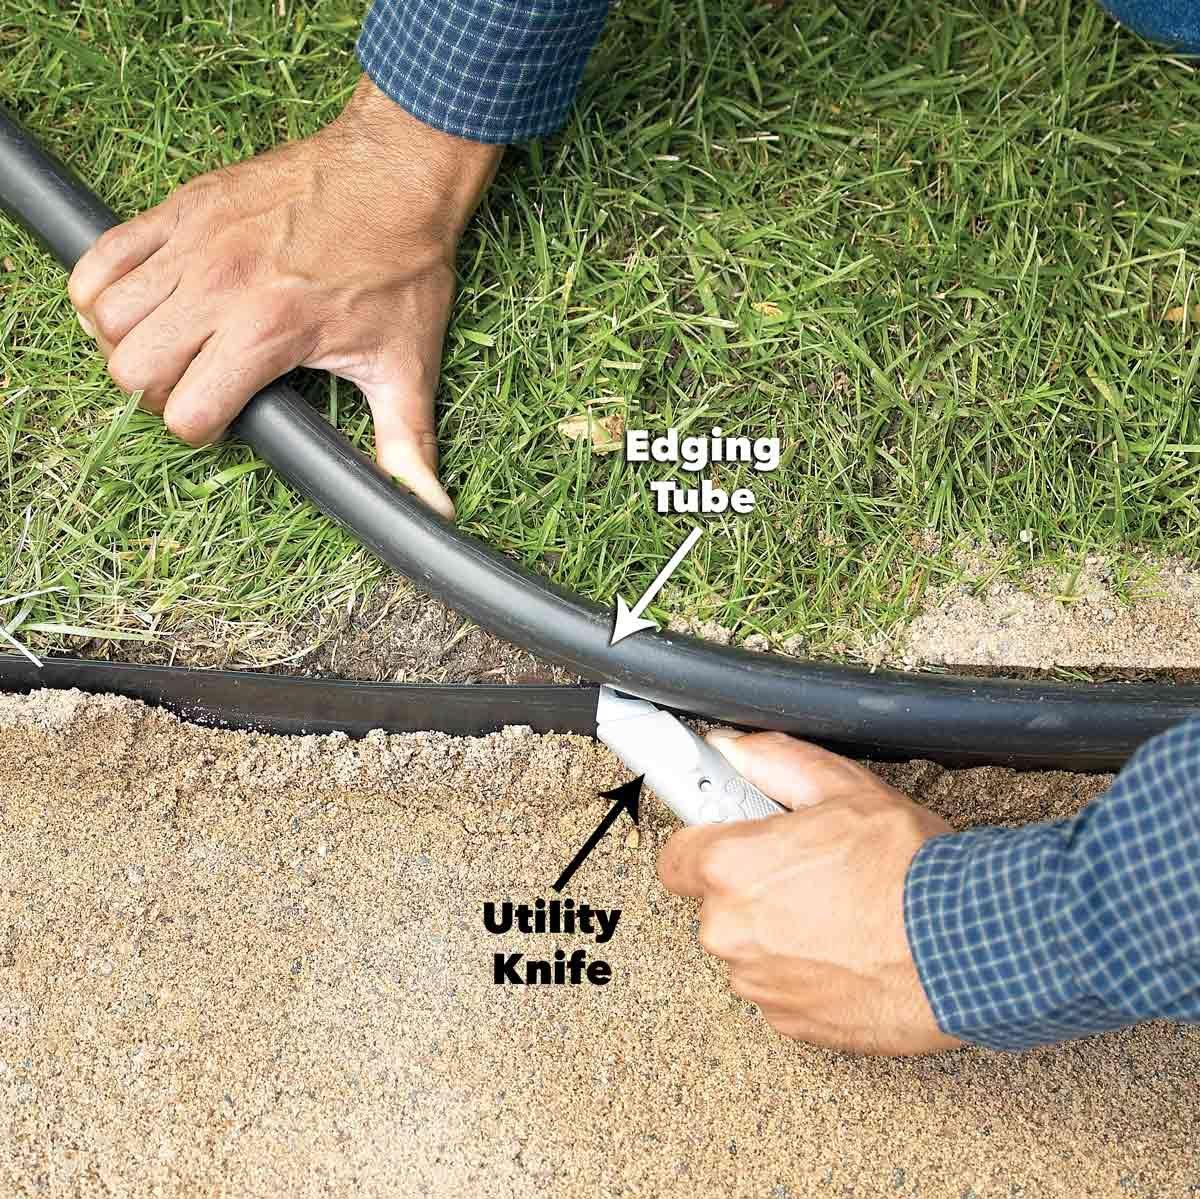 trim edging tube